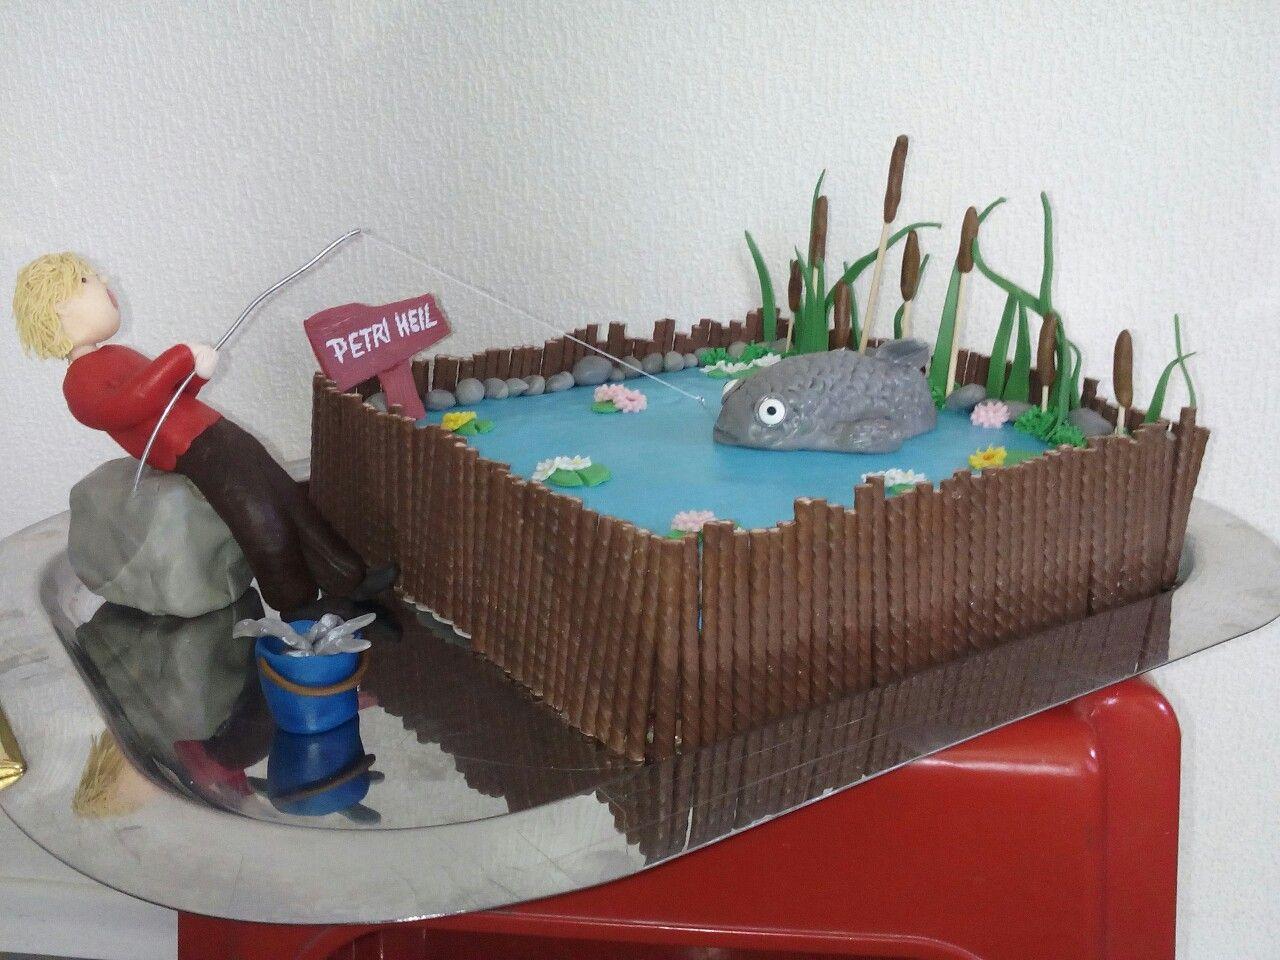 Ungewöhnlich Küchenkreationen Bilder - Ideen Für Die Küche ...